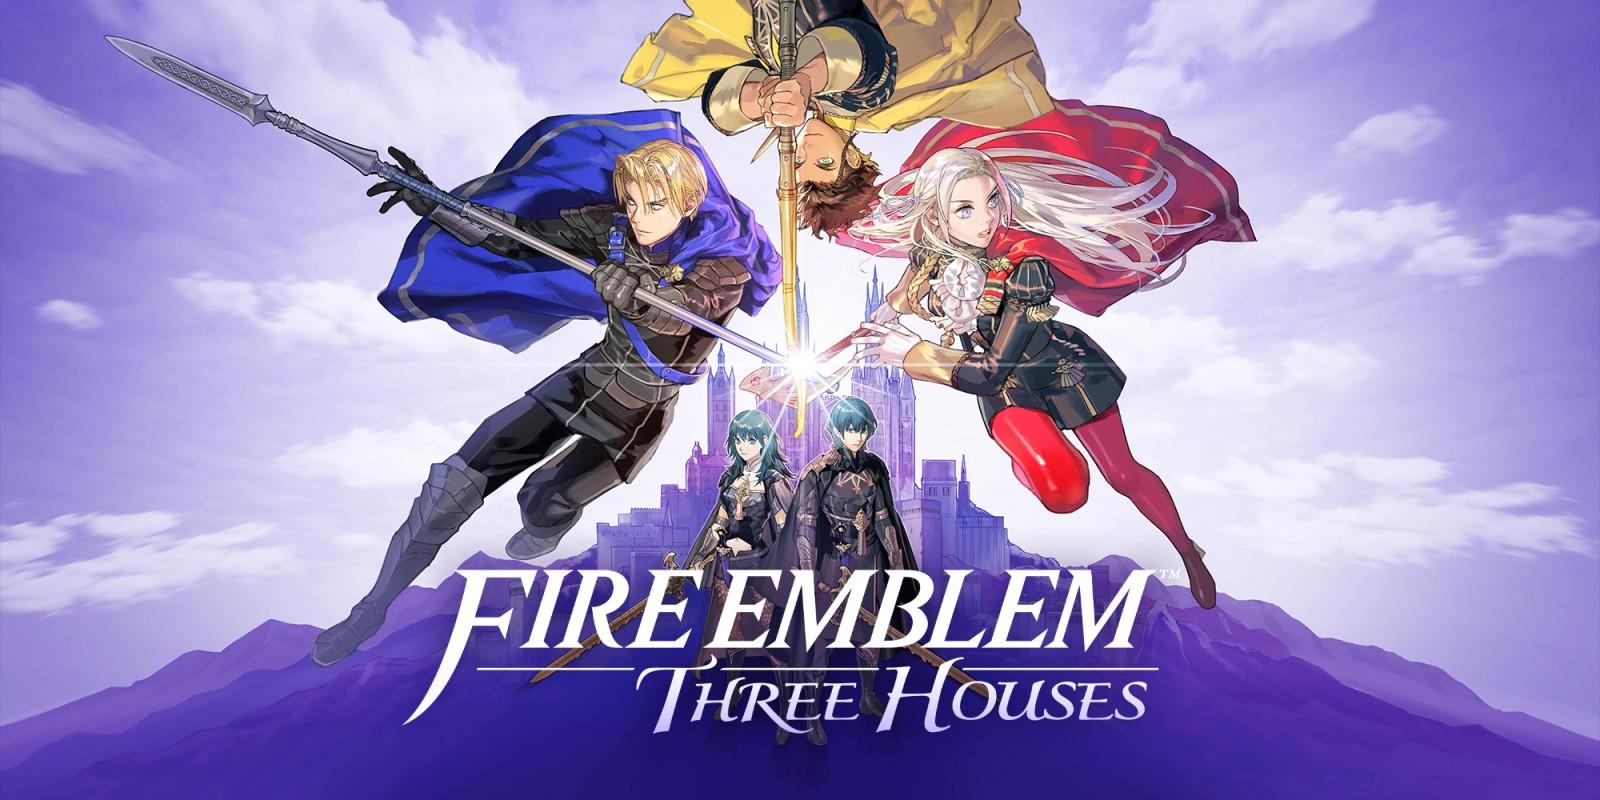 Jeu Fire Emblem : Three Houses sur Nintendo Switch (Dématérialisé)